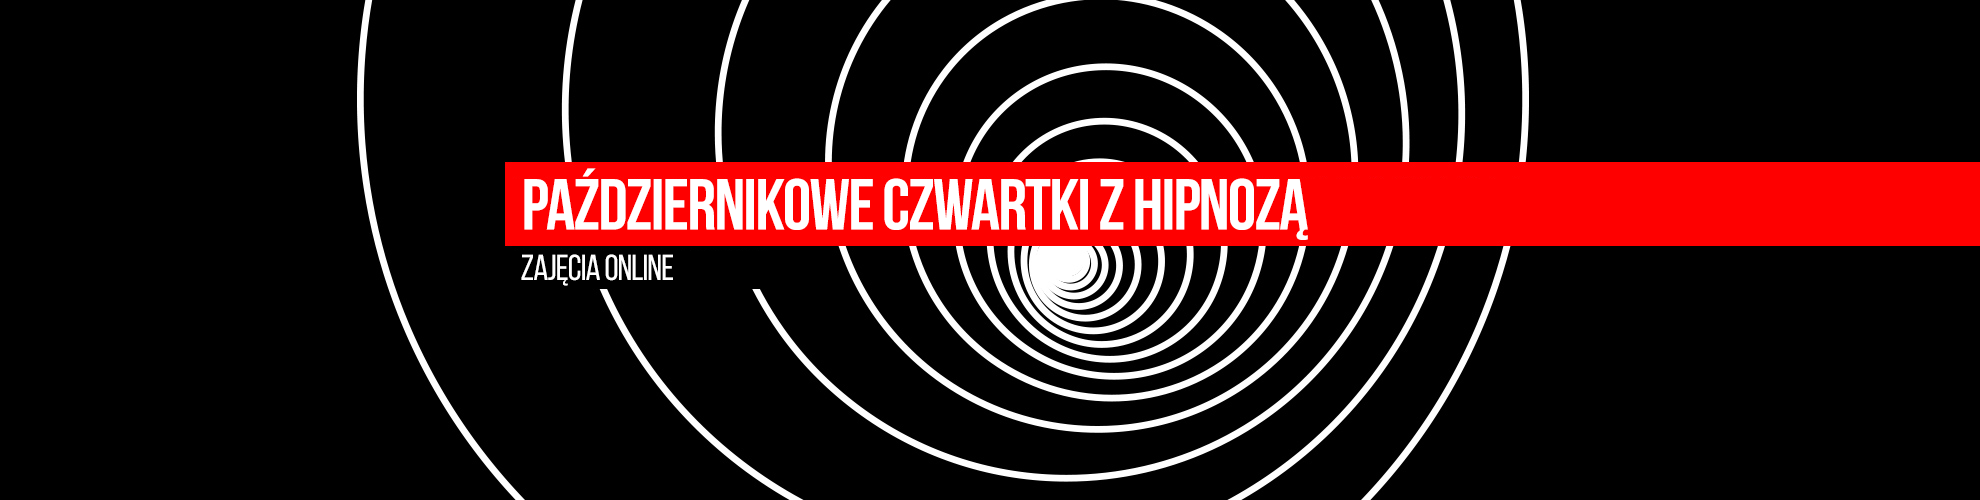 CZWARTKI-Z-HIPNOZA-DUZY